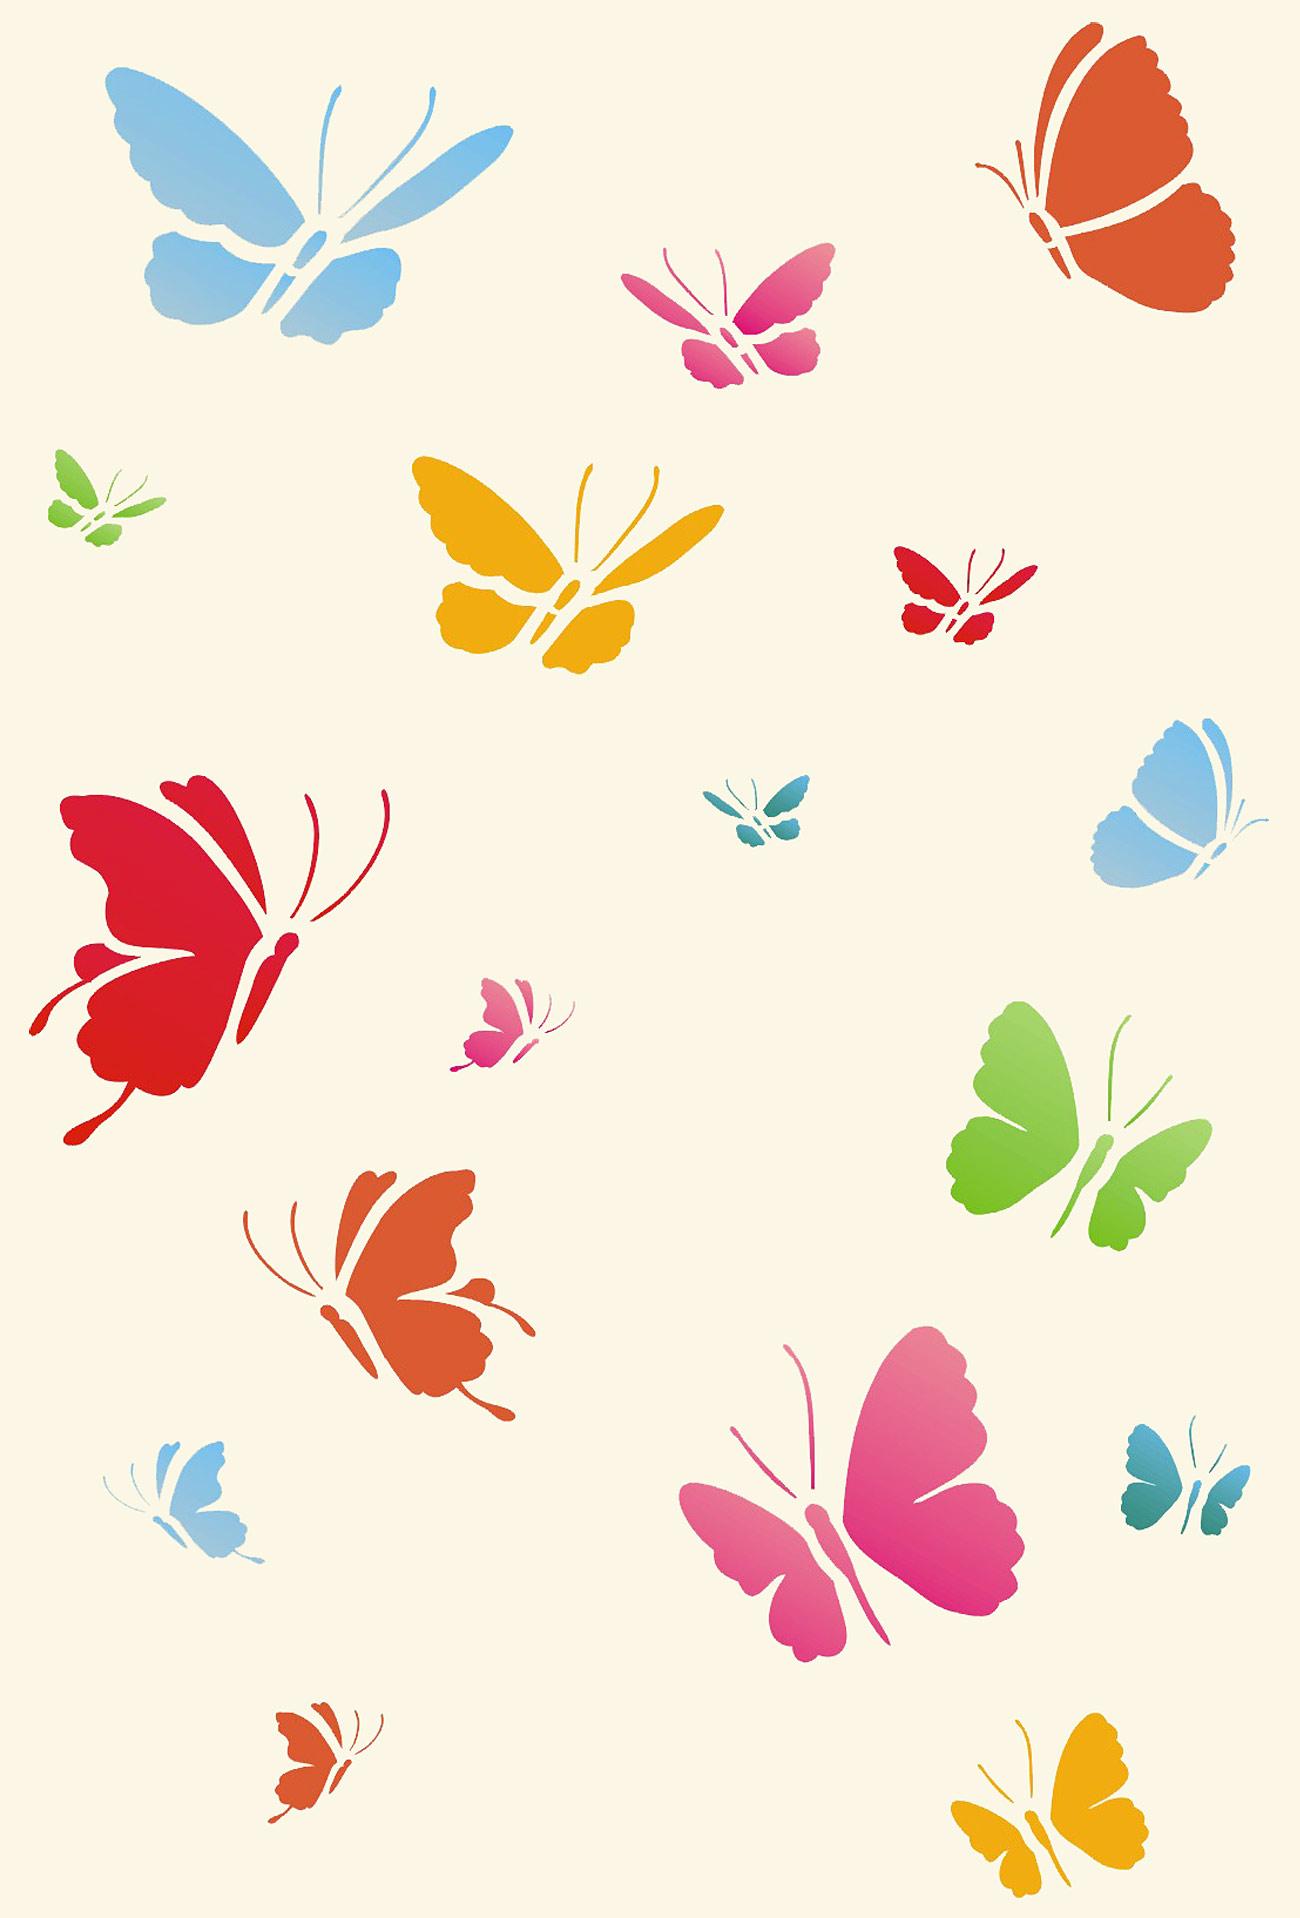 Бабочки для декора своими руками : из бумаги, объемные, трафареты 53